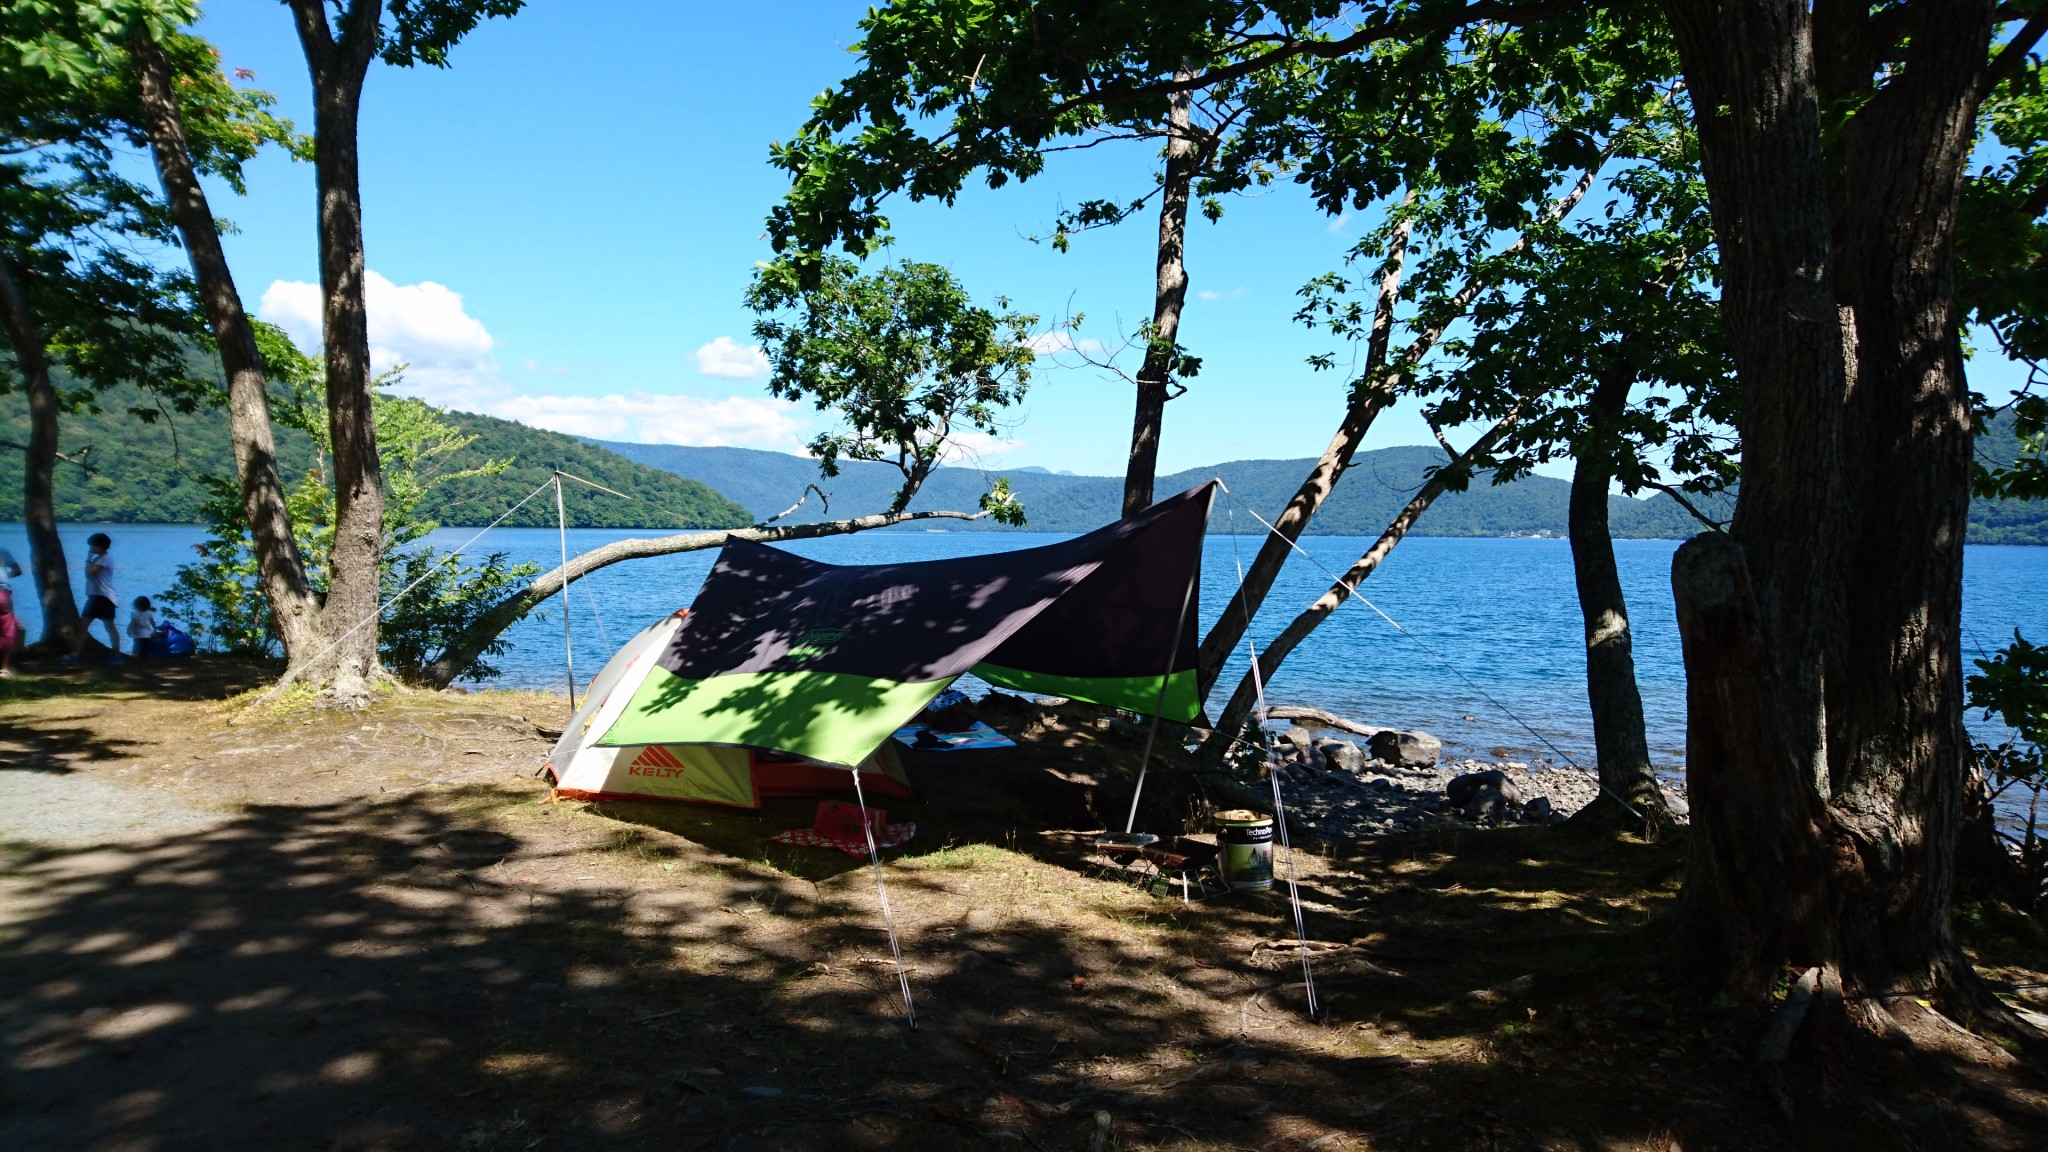 宇樽部キャンプ場と十和田湖